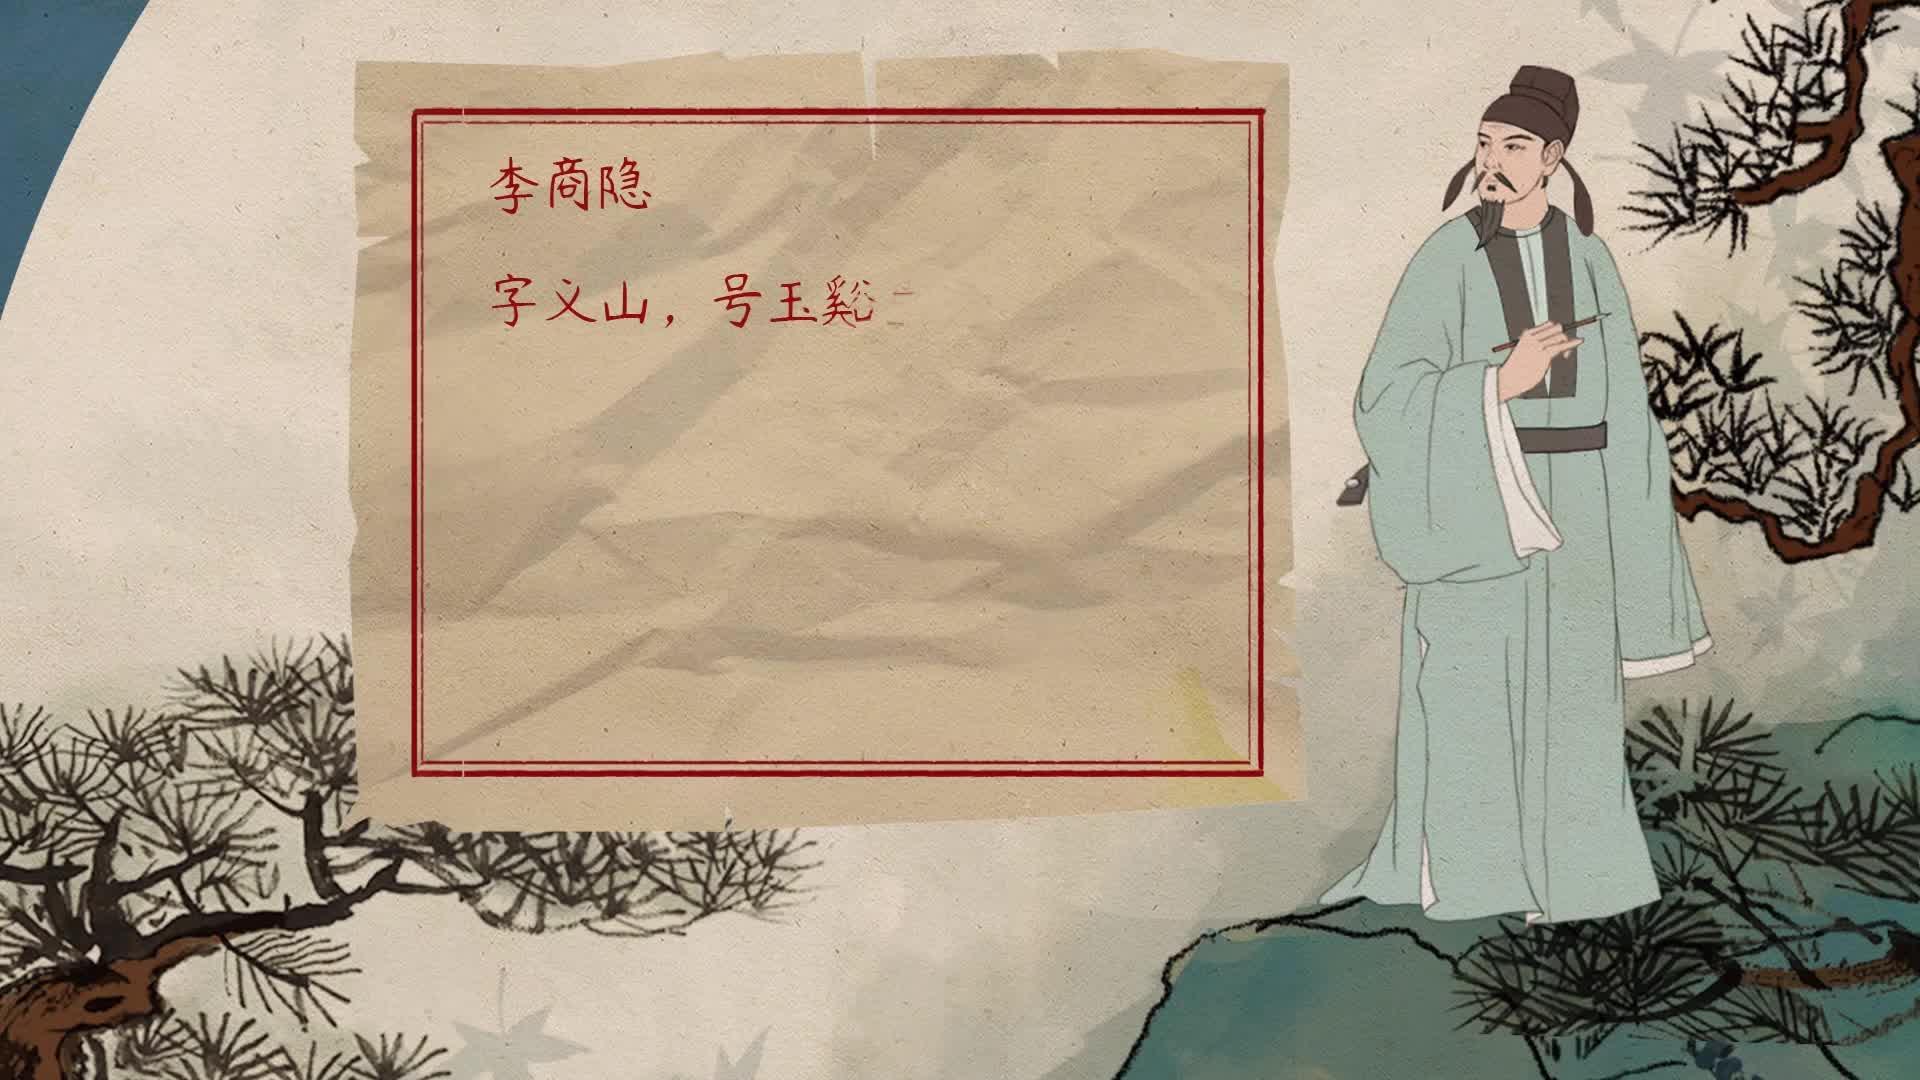 《小学古诗》53嫦娥-唐 李商隐